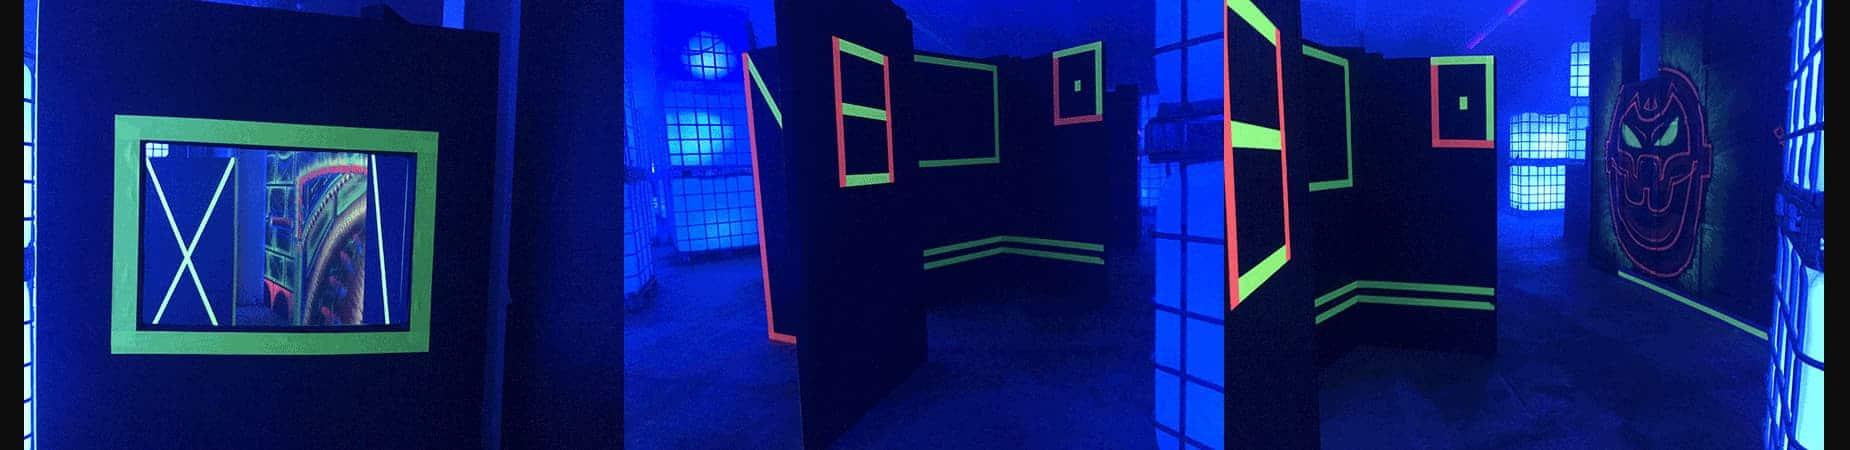 LaserTag bei Dülmen spielen